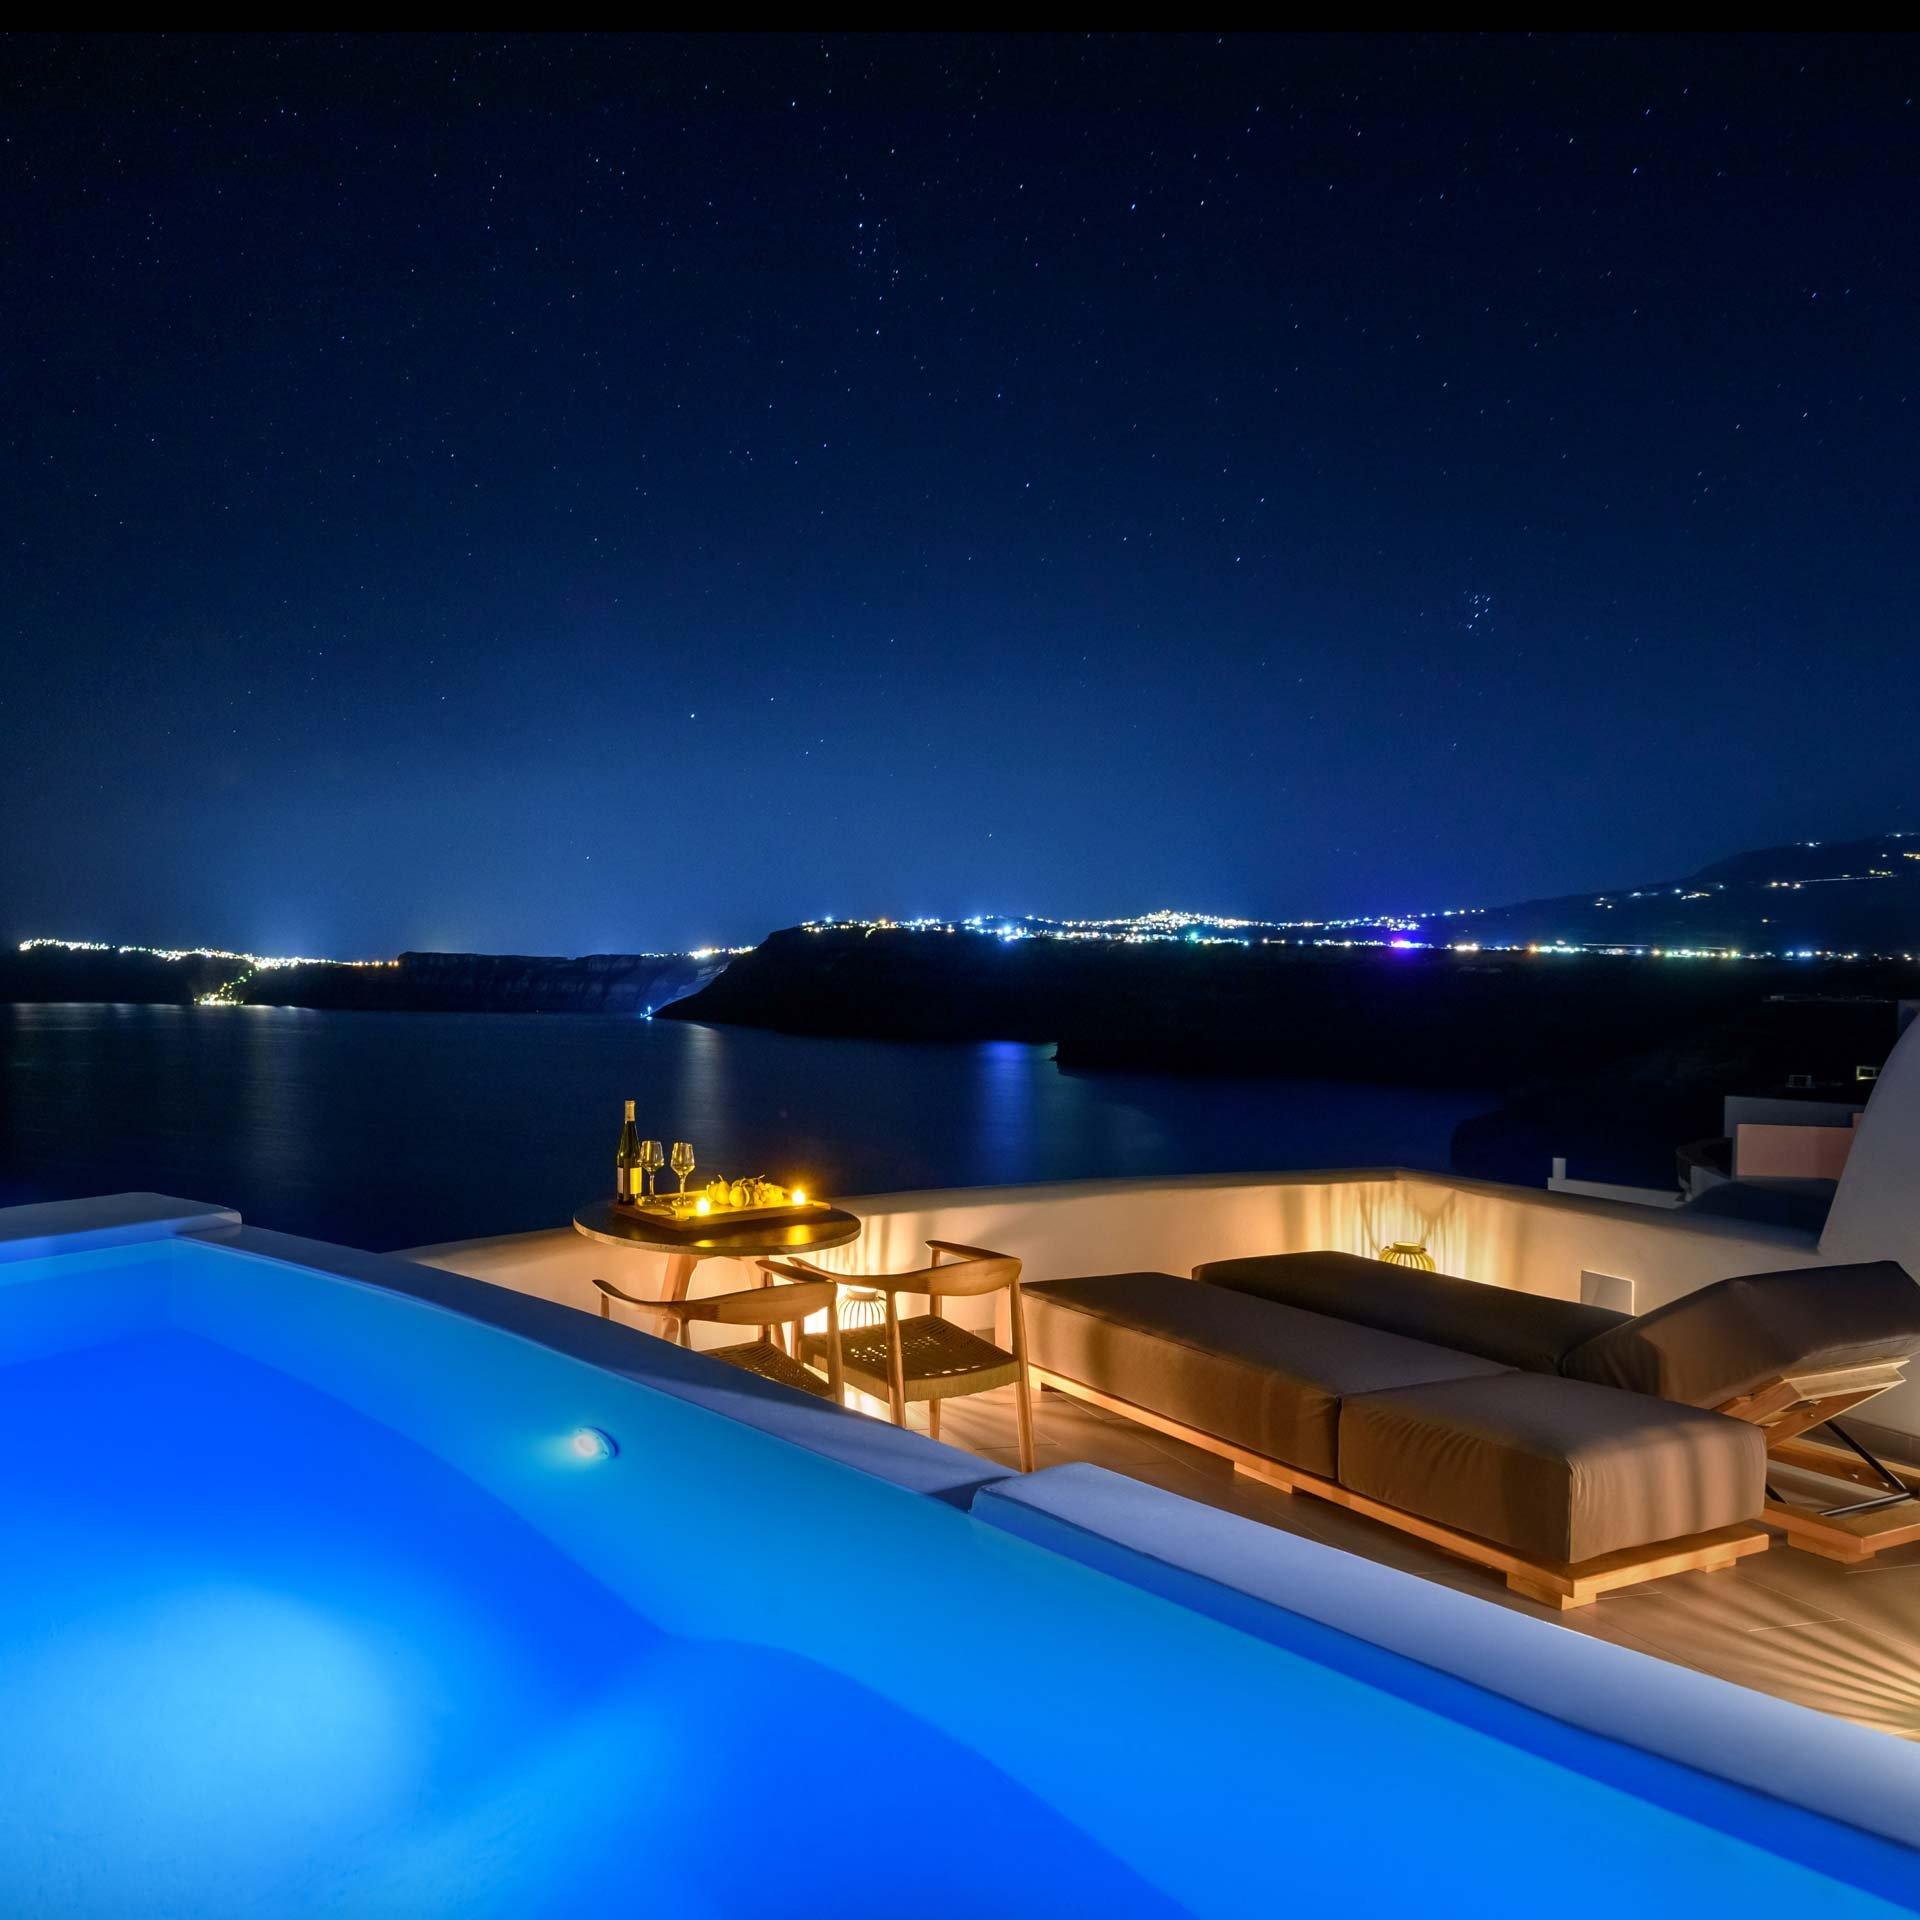 Premium Spa Suite - Night view